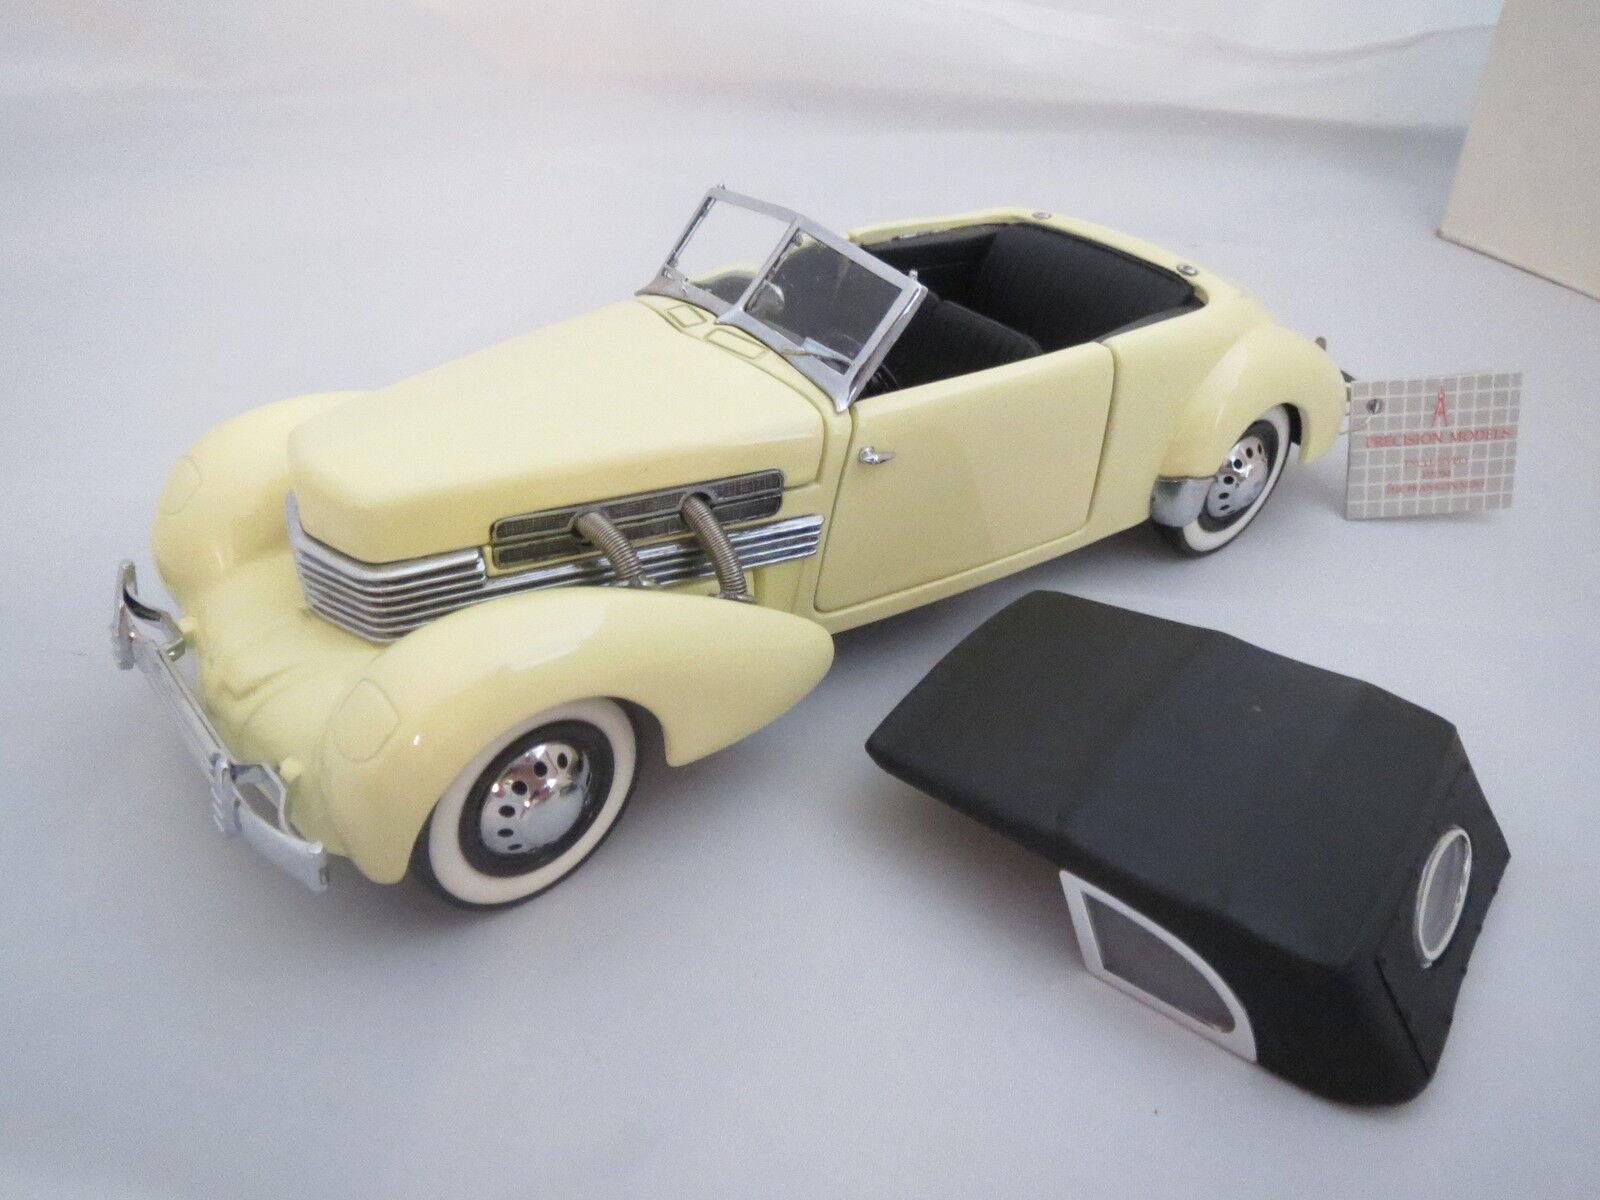 1937 Cord 812 Cabriolet in hellgelb mit schwarzem Soft -Top,1 24, Franklin Mint  | Düsseldorf Eröffnung